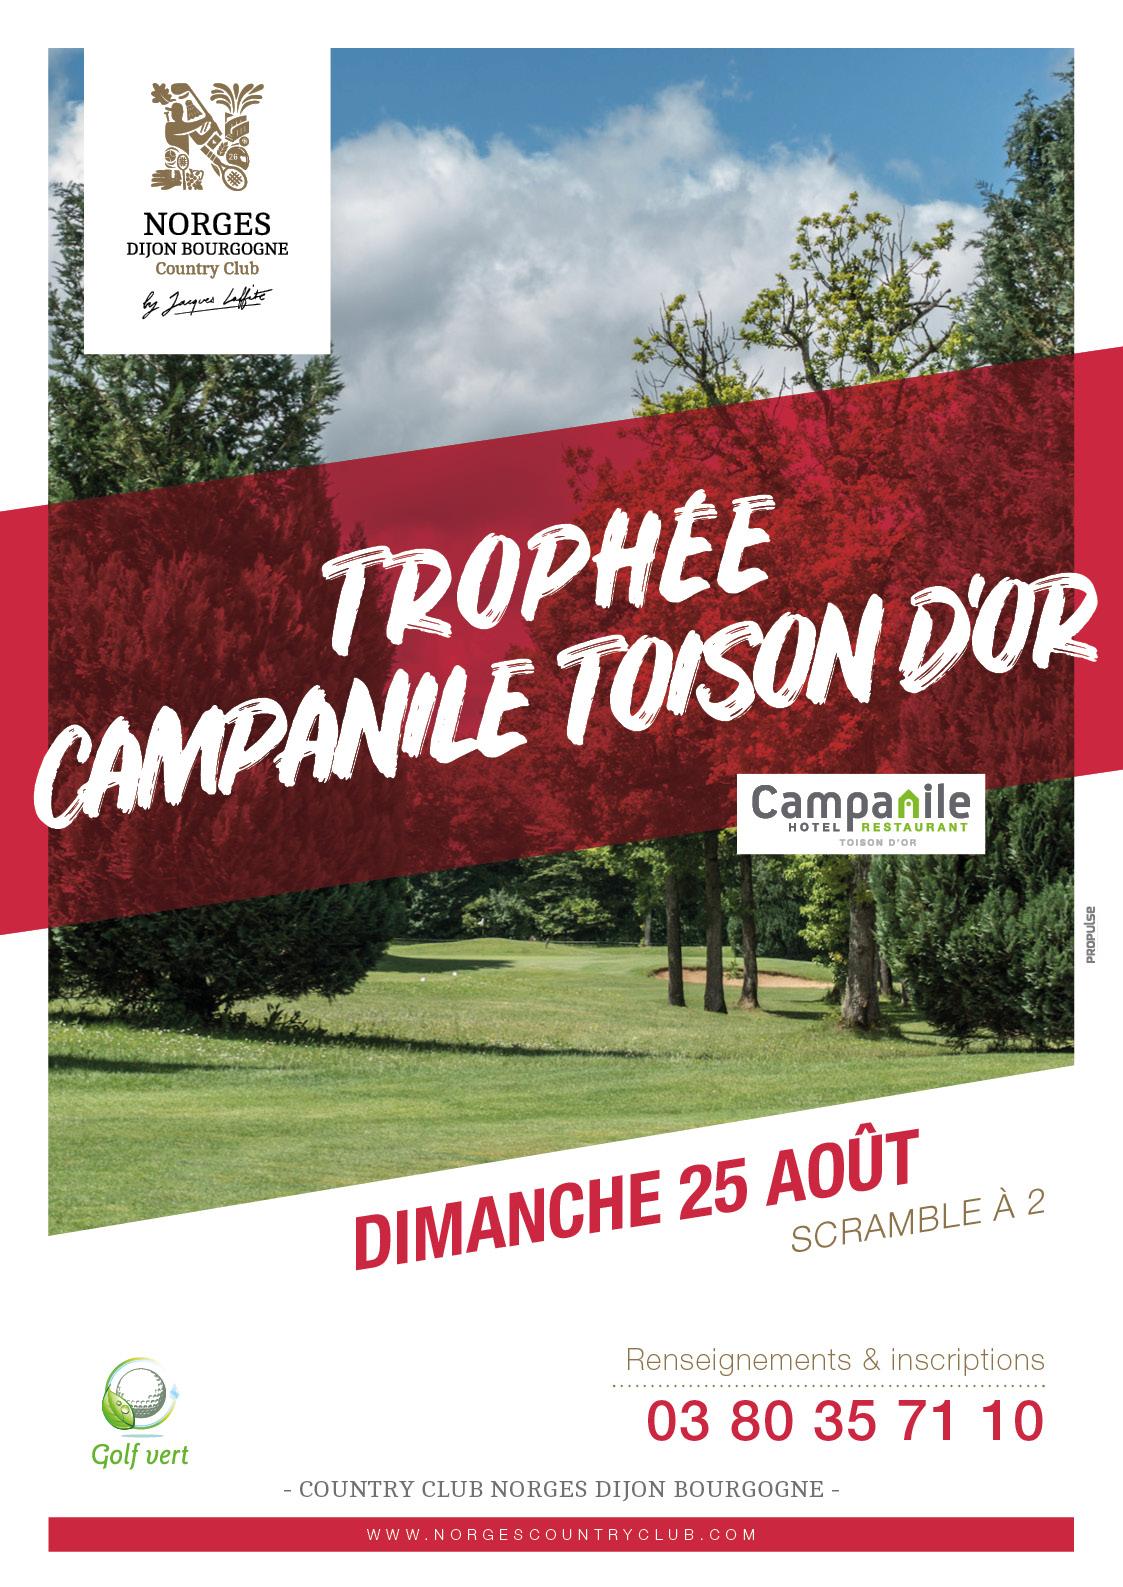 Trophée Campanile Toison d'Or